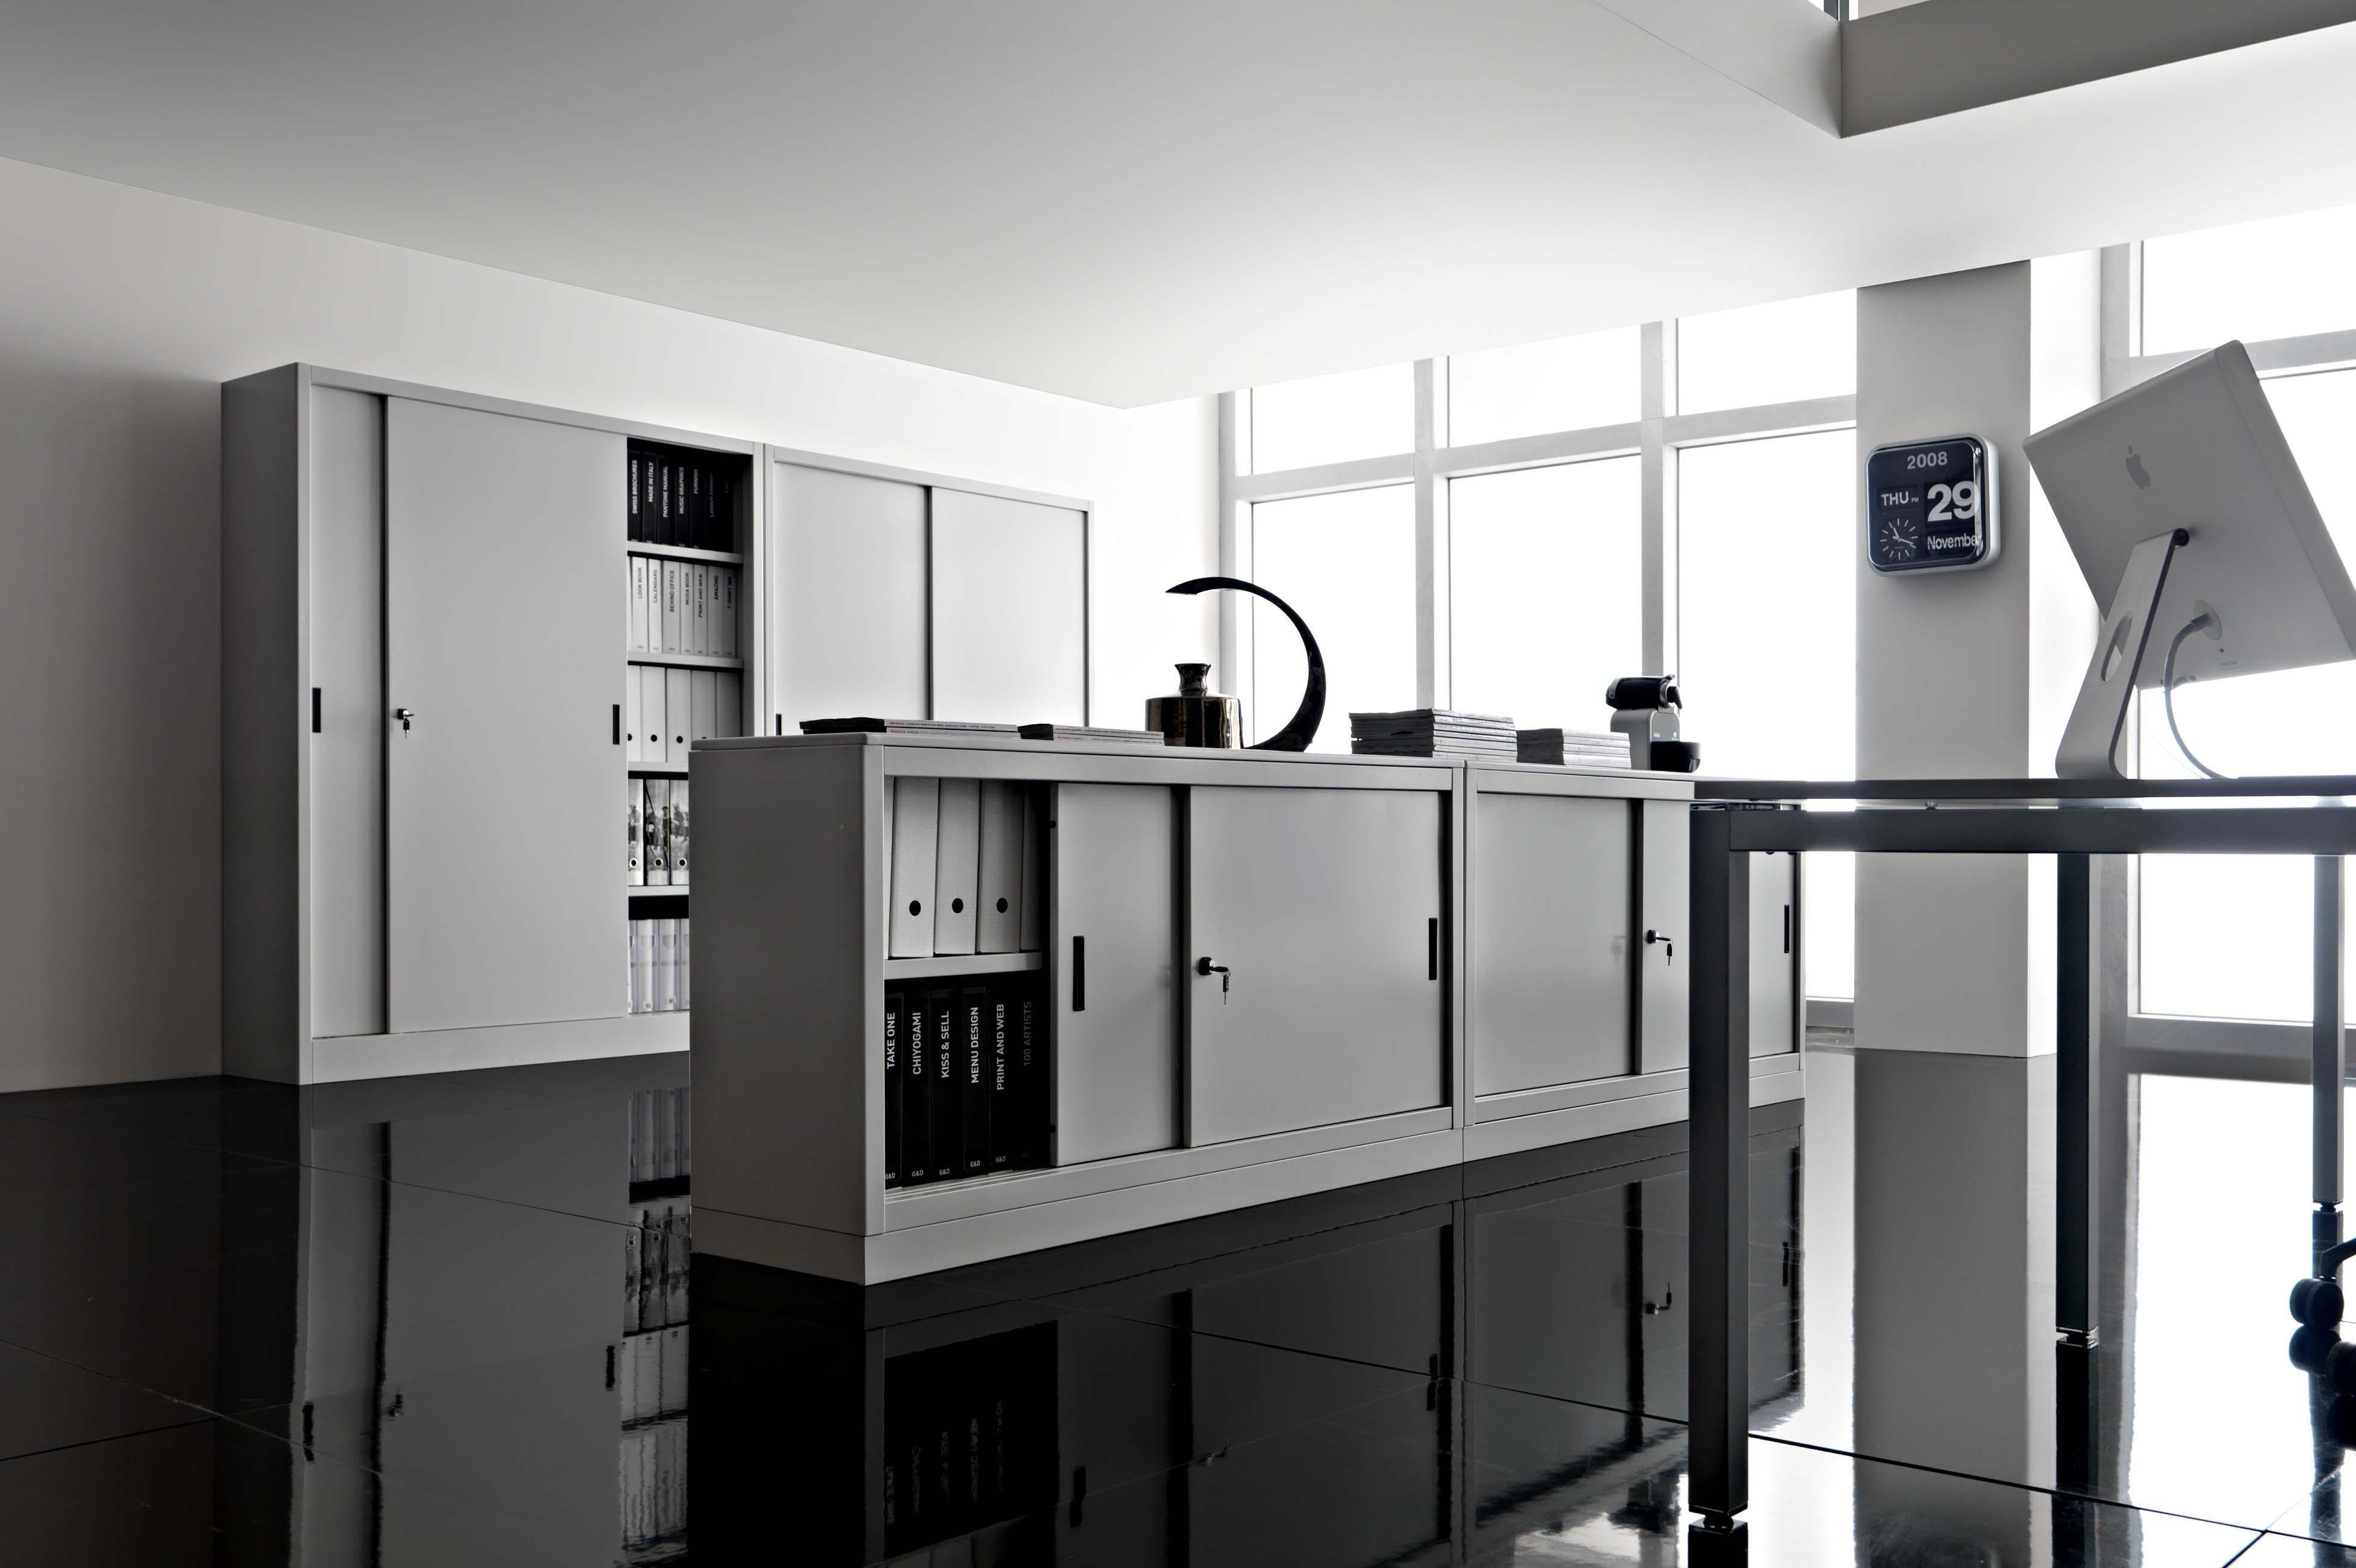 Arredi metallici donati alberto arredamenti e mobili for Arredi e mobili